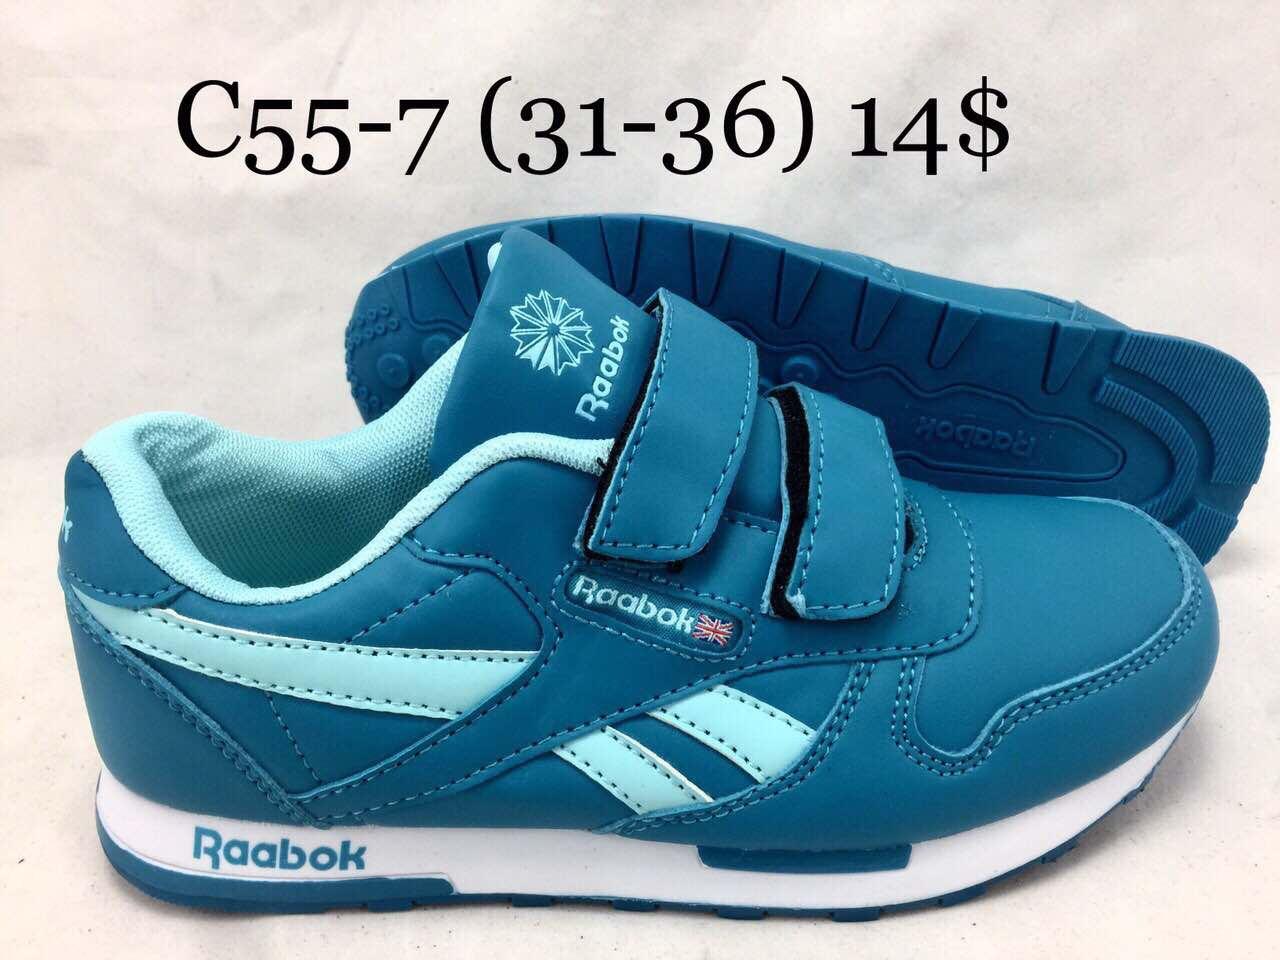 495f556b Детские кроссовки оптом от Reebok (31-36), цена 385 грн., купить в ...